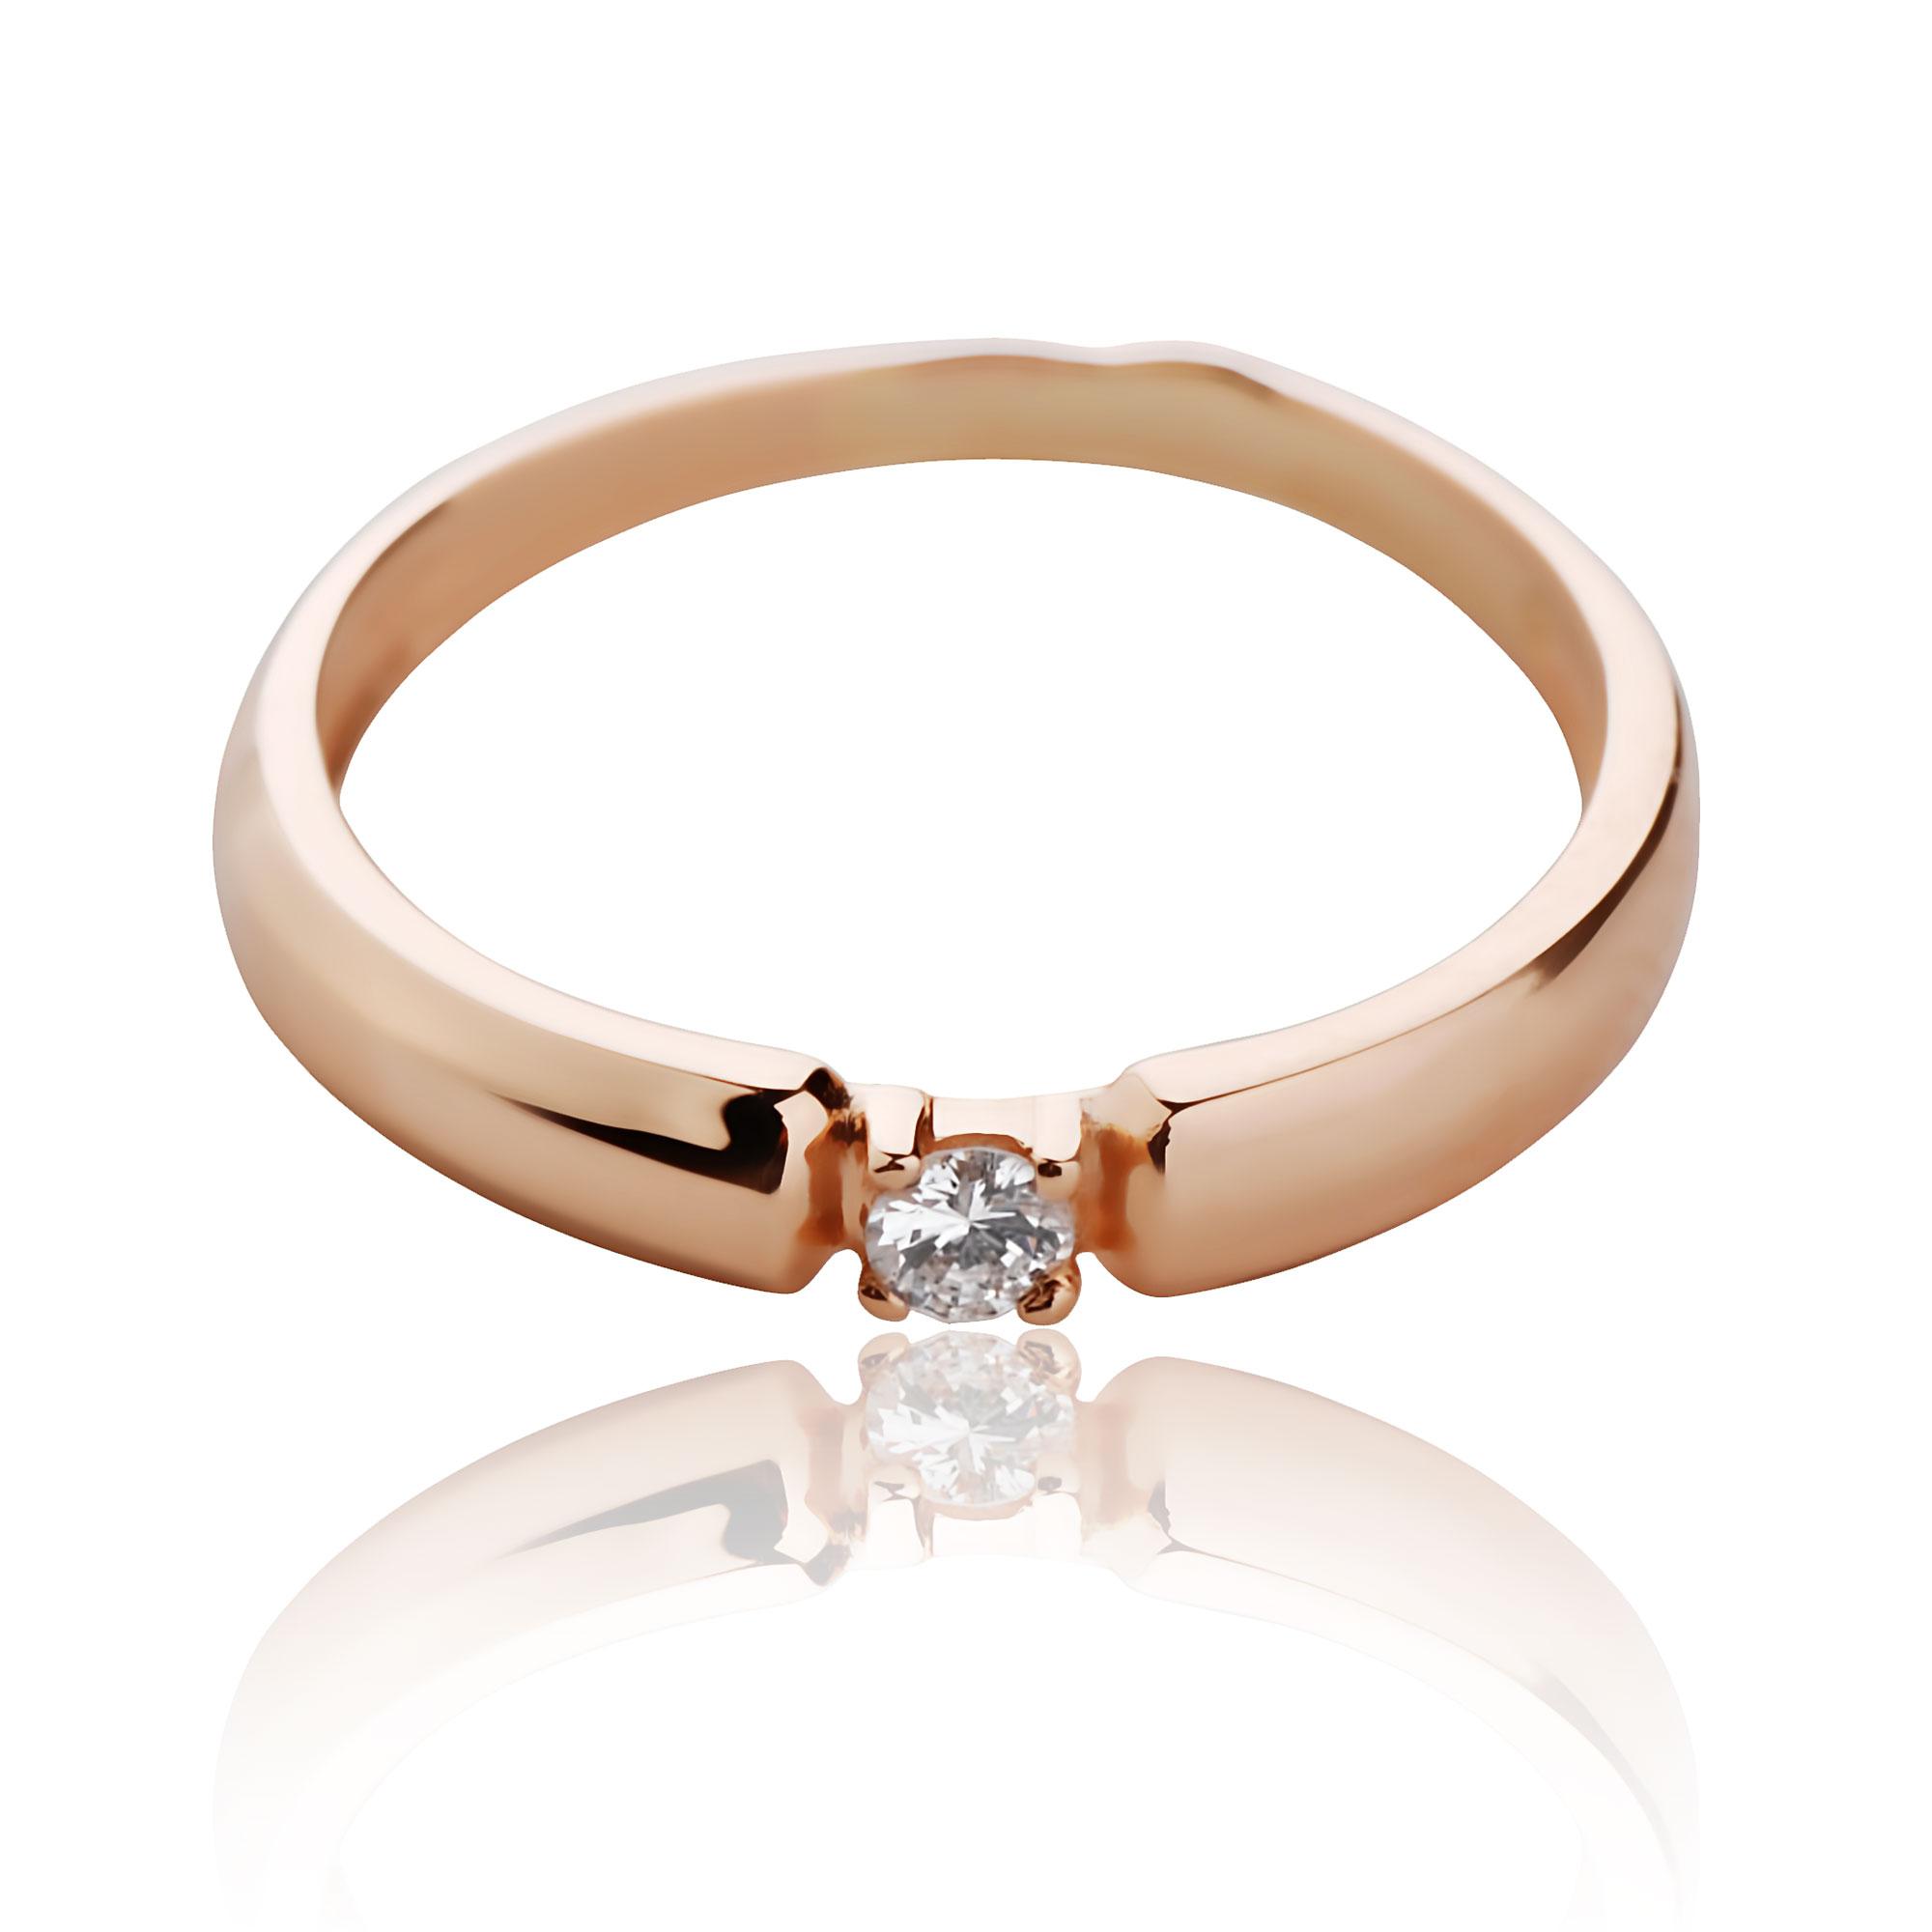 Золотое кольцо для предложения